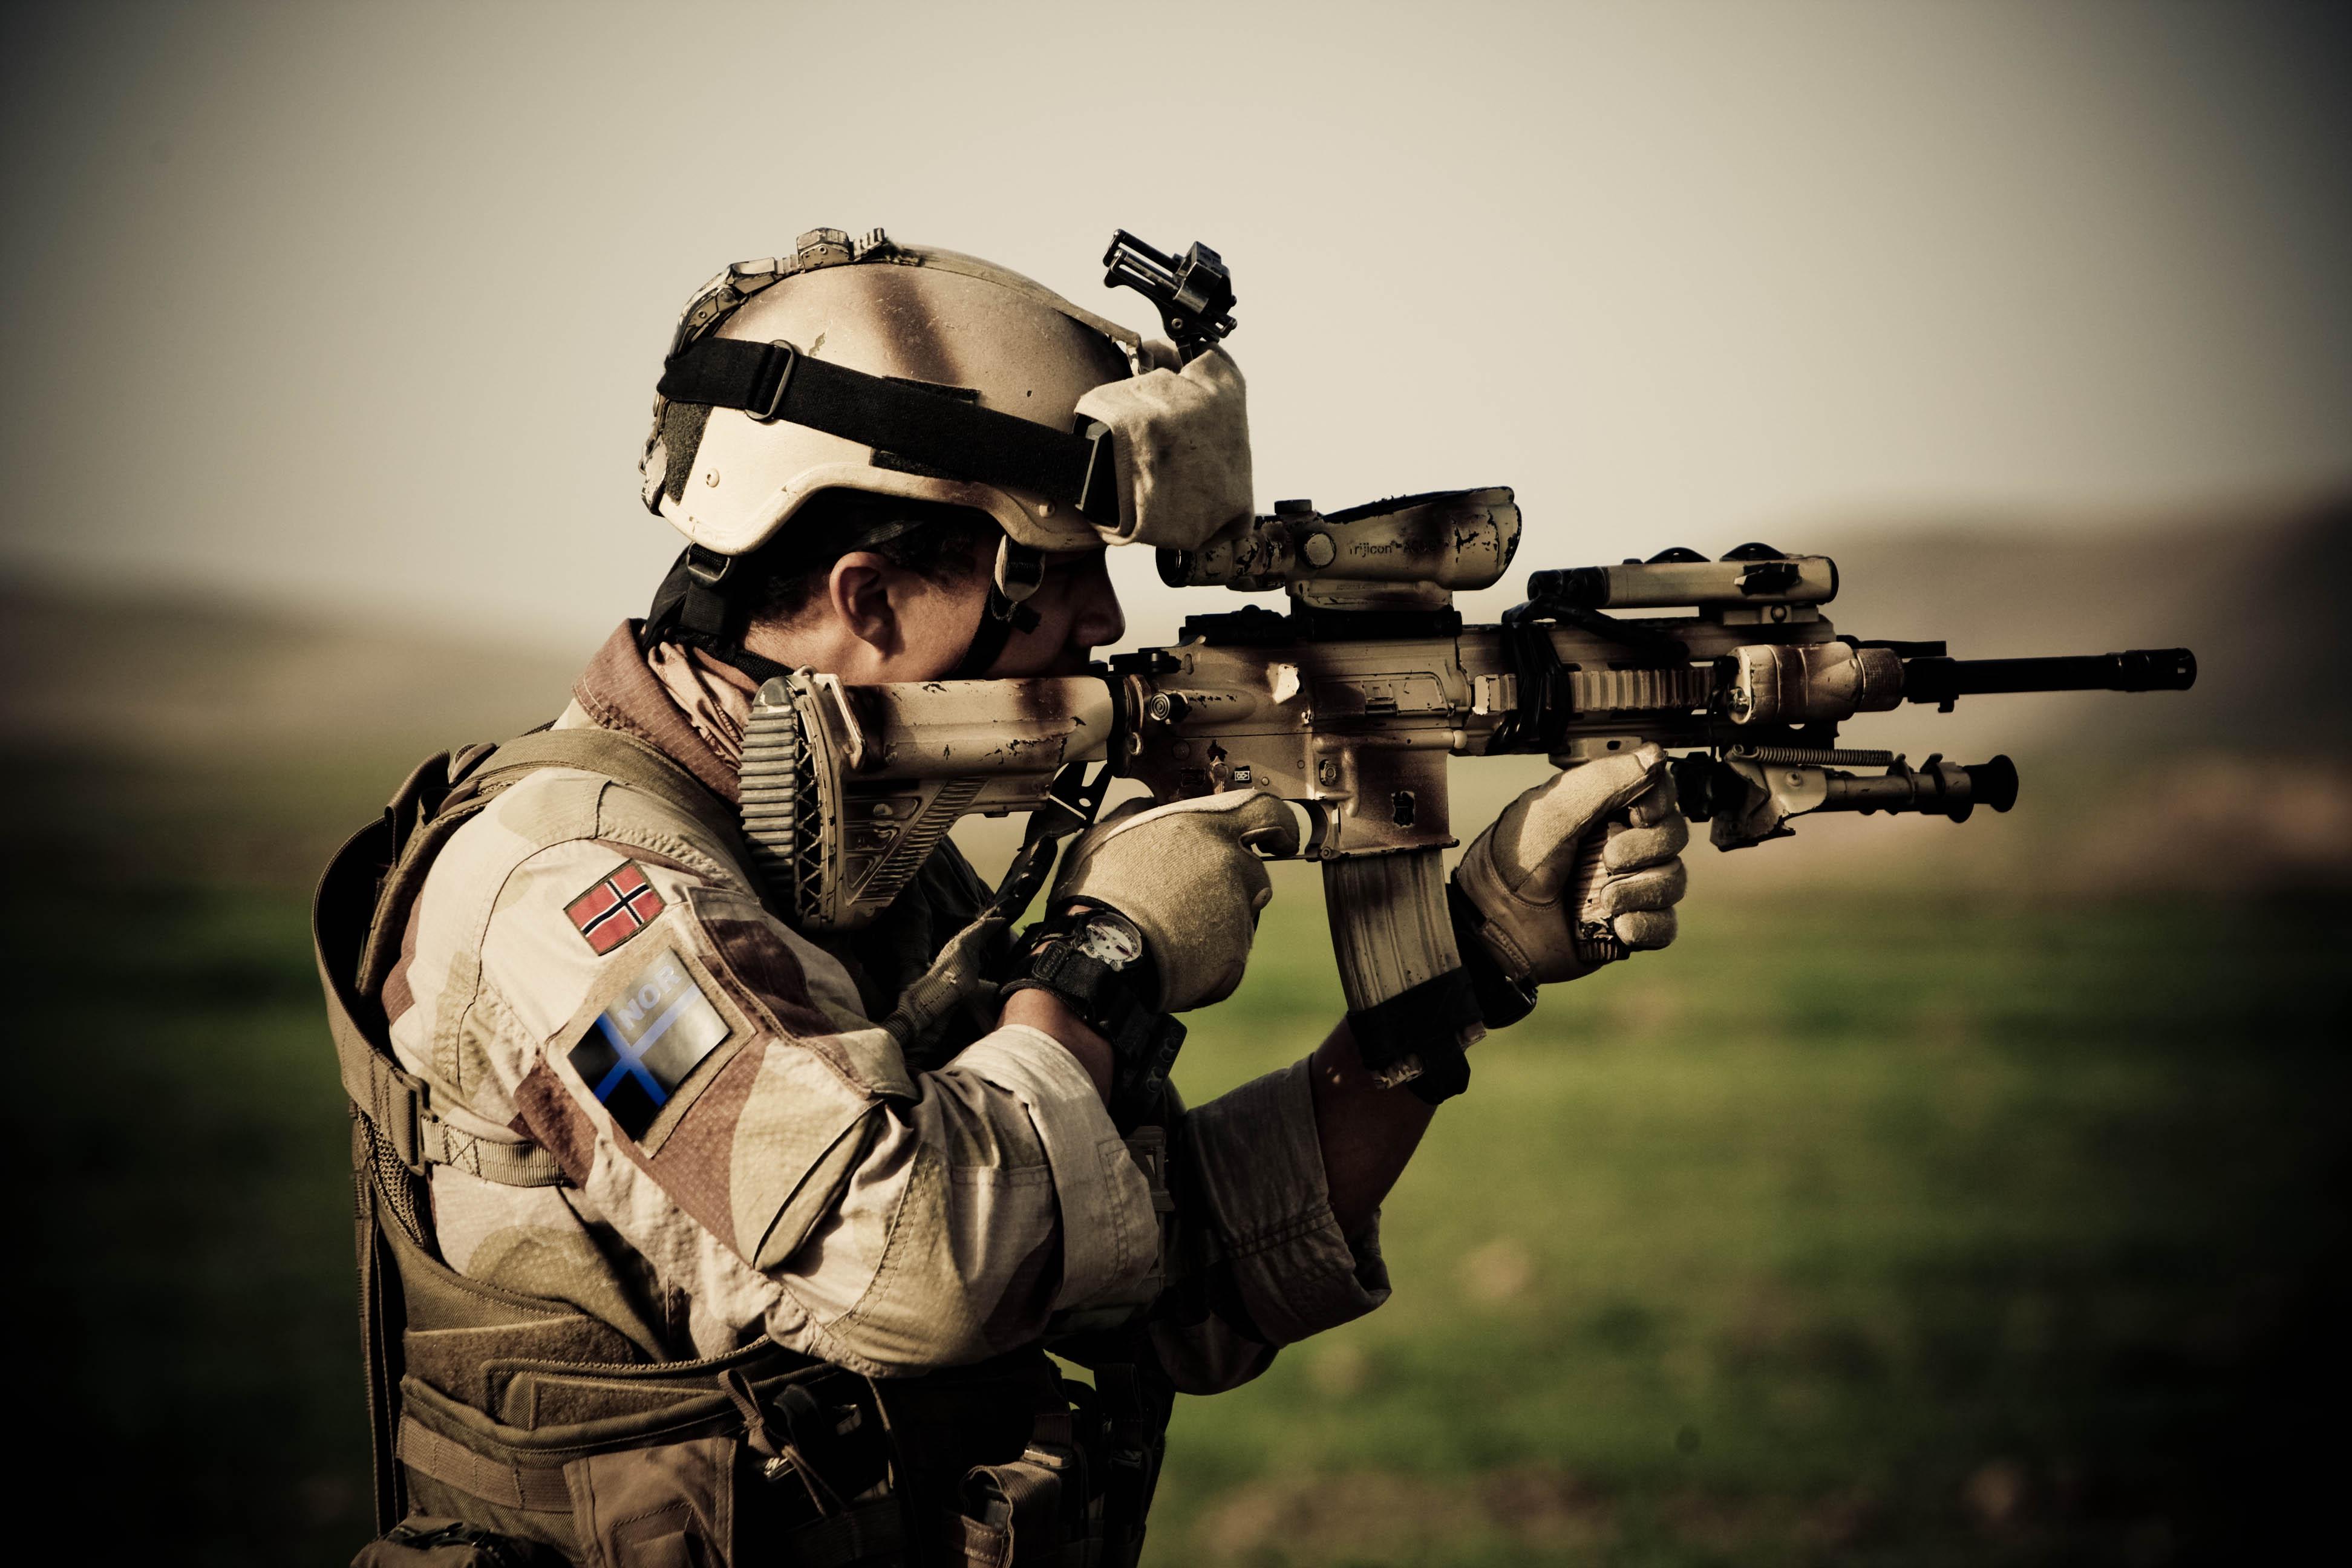 теперь красивые картинки про солдат рассказ